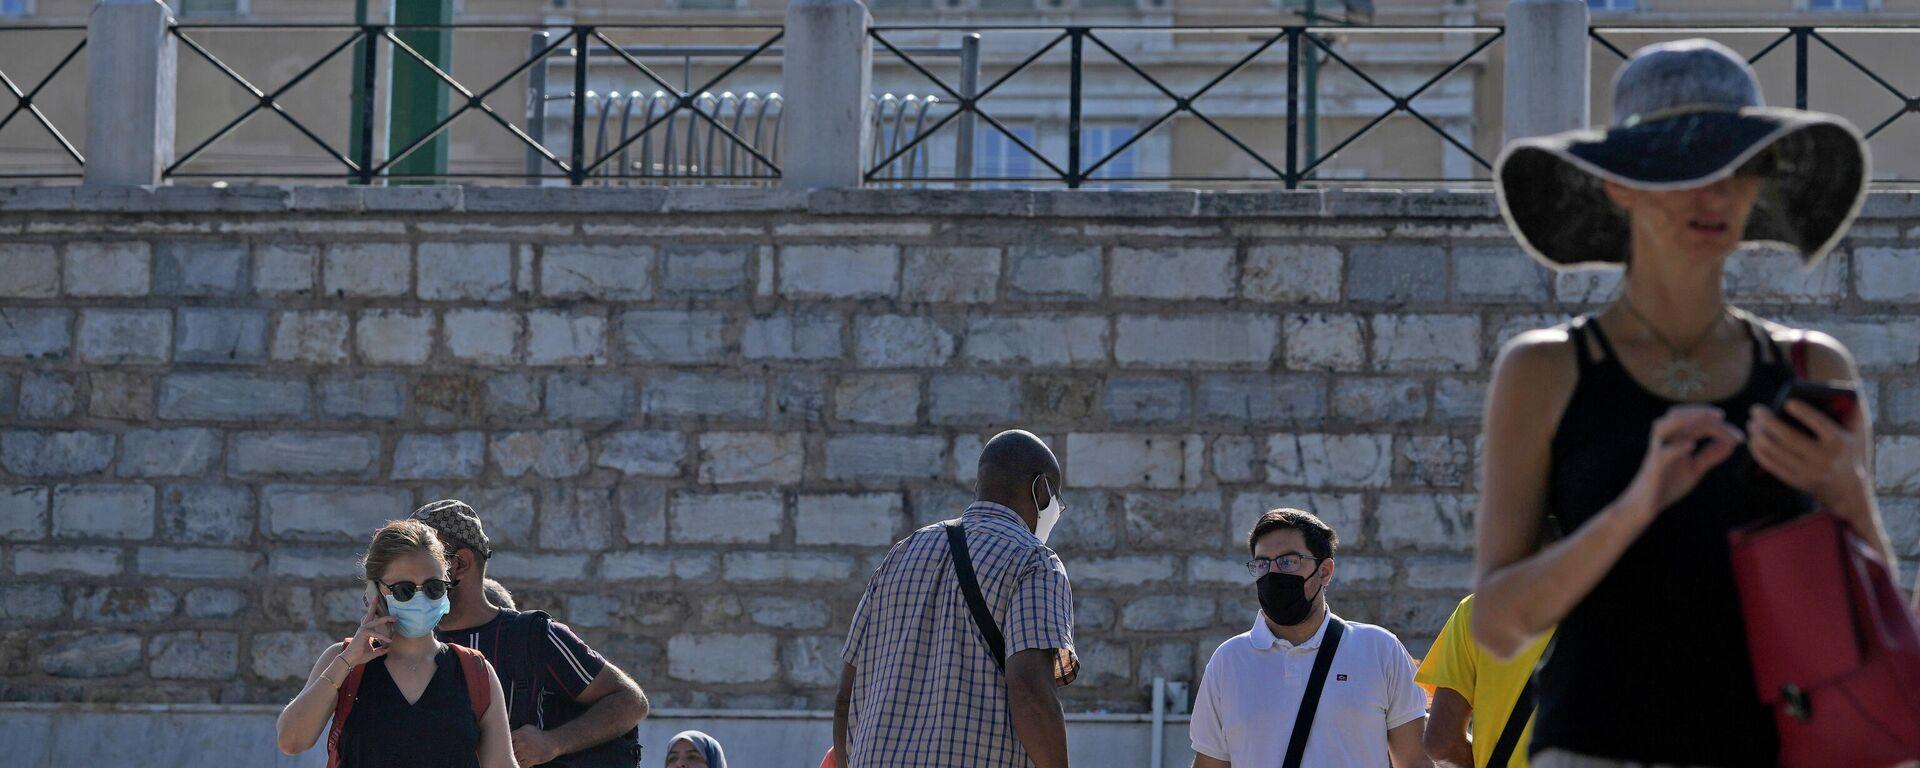 Κορονοϊός: Άνθρωποι με μάσκες κατά την πανδημία στην Αθήνα - Sputnik Ελλάδα, 1920, 26.09.2021